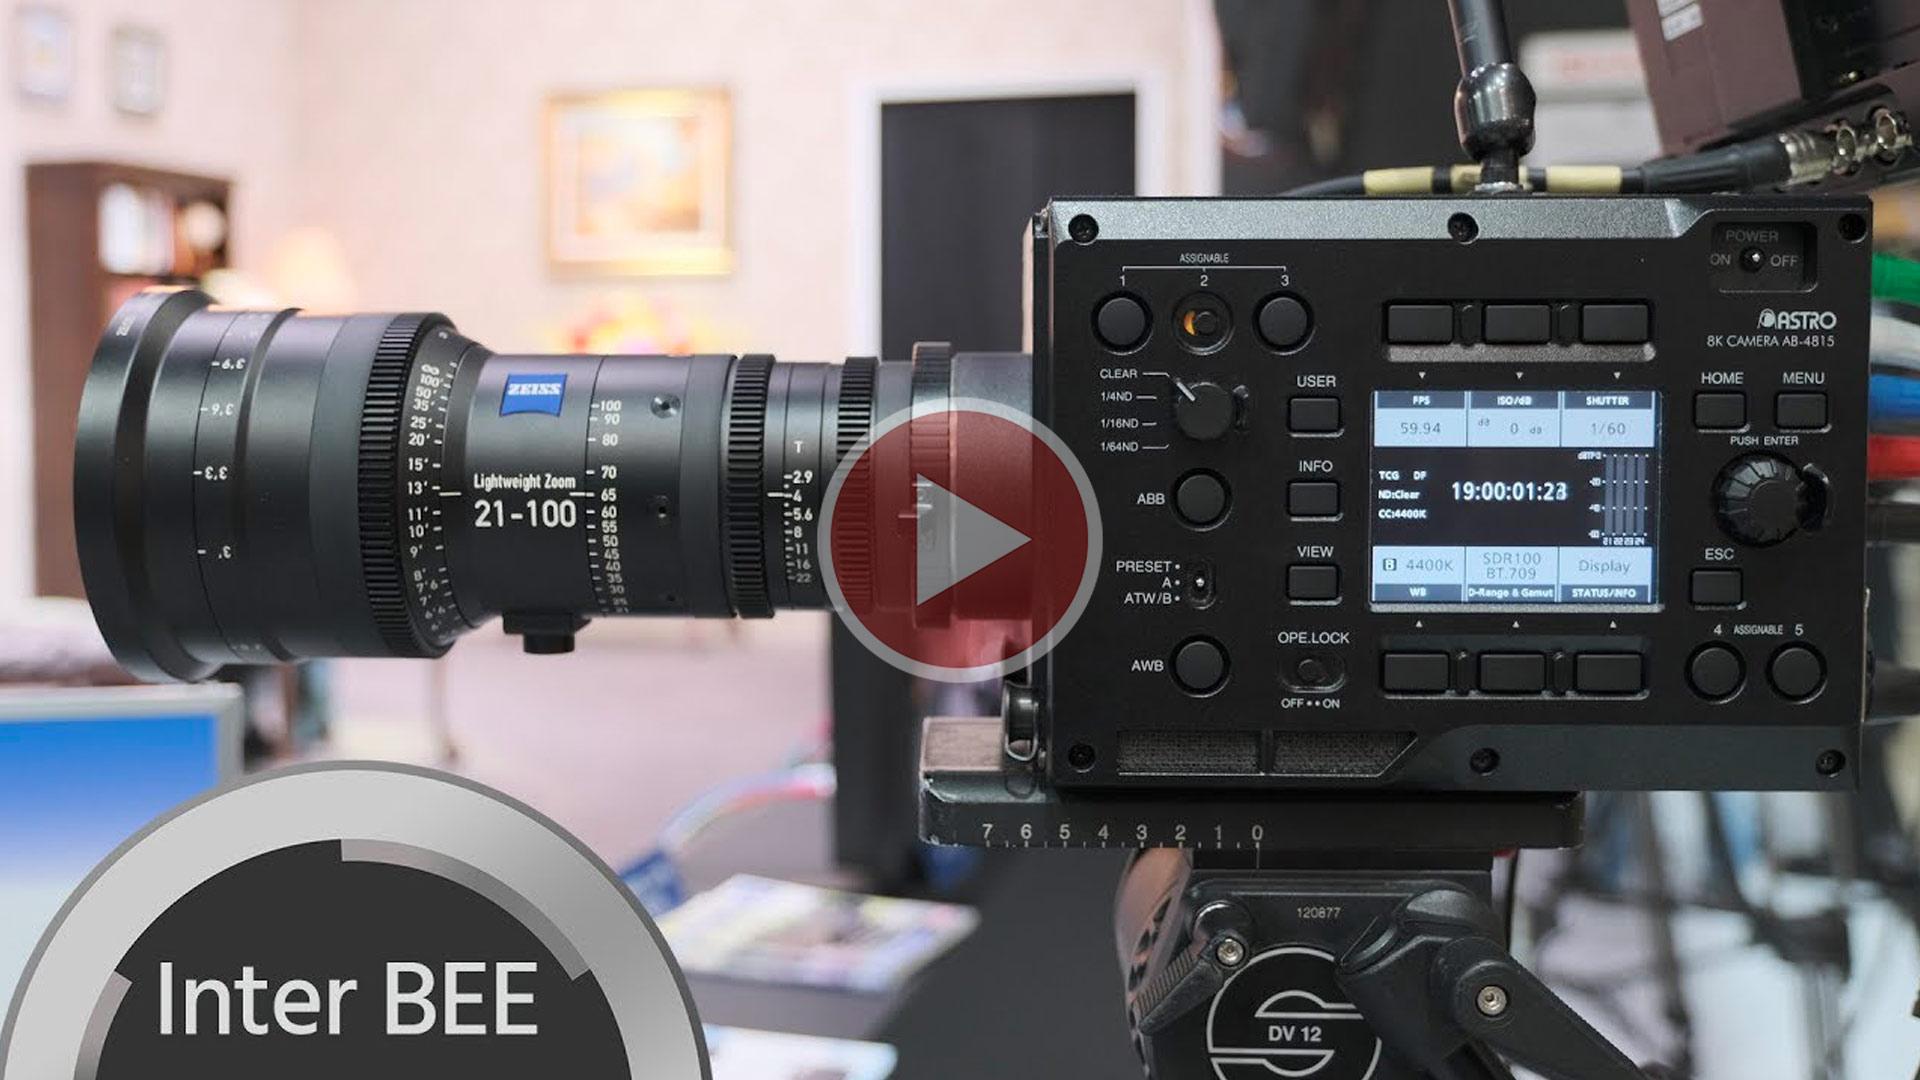 Una nueva cámara Astro 8K está en desarrollo – Se aceptan sugerencias